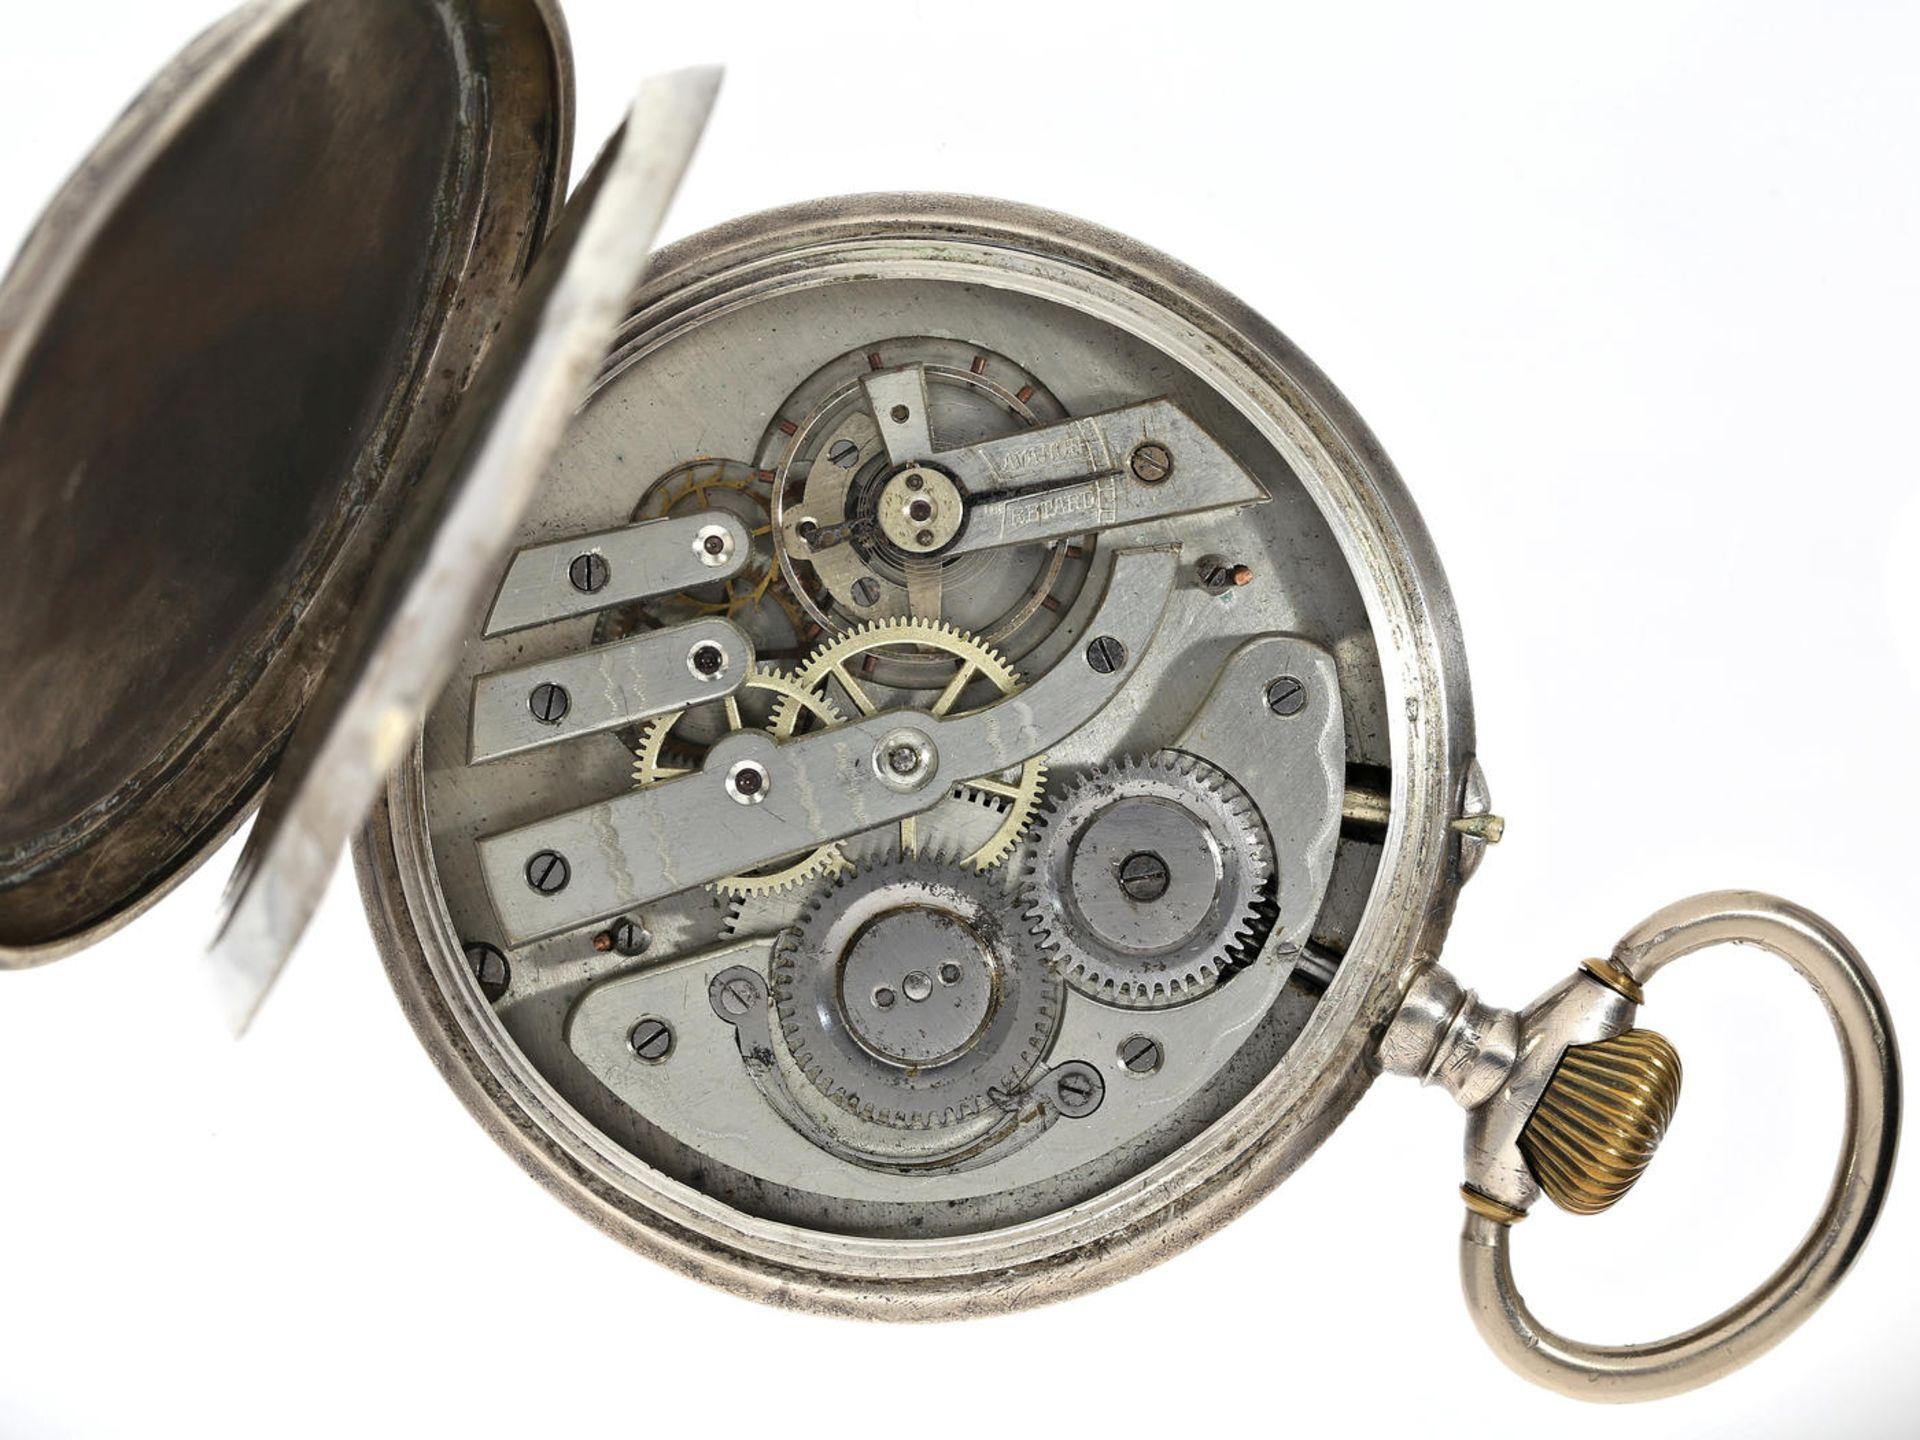 """Taschenuhr: übergroße, silberne Taschenuhr mit dekorativem Kartuschenzifferblatt, Typ """"Regulateur - Bild 3 aus 5"""